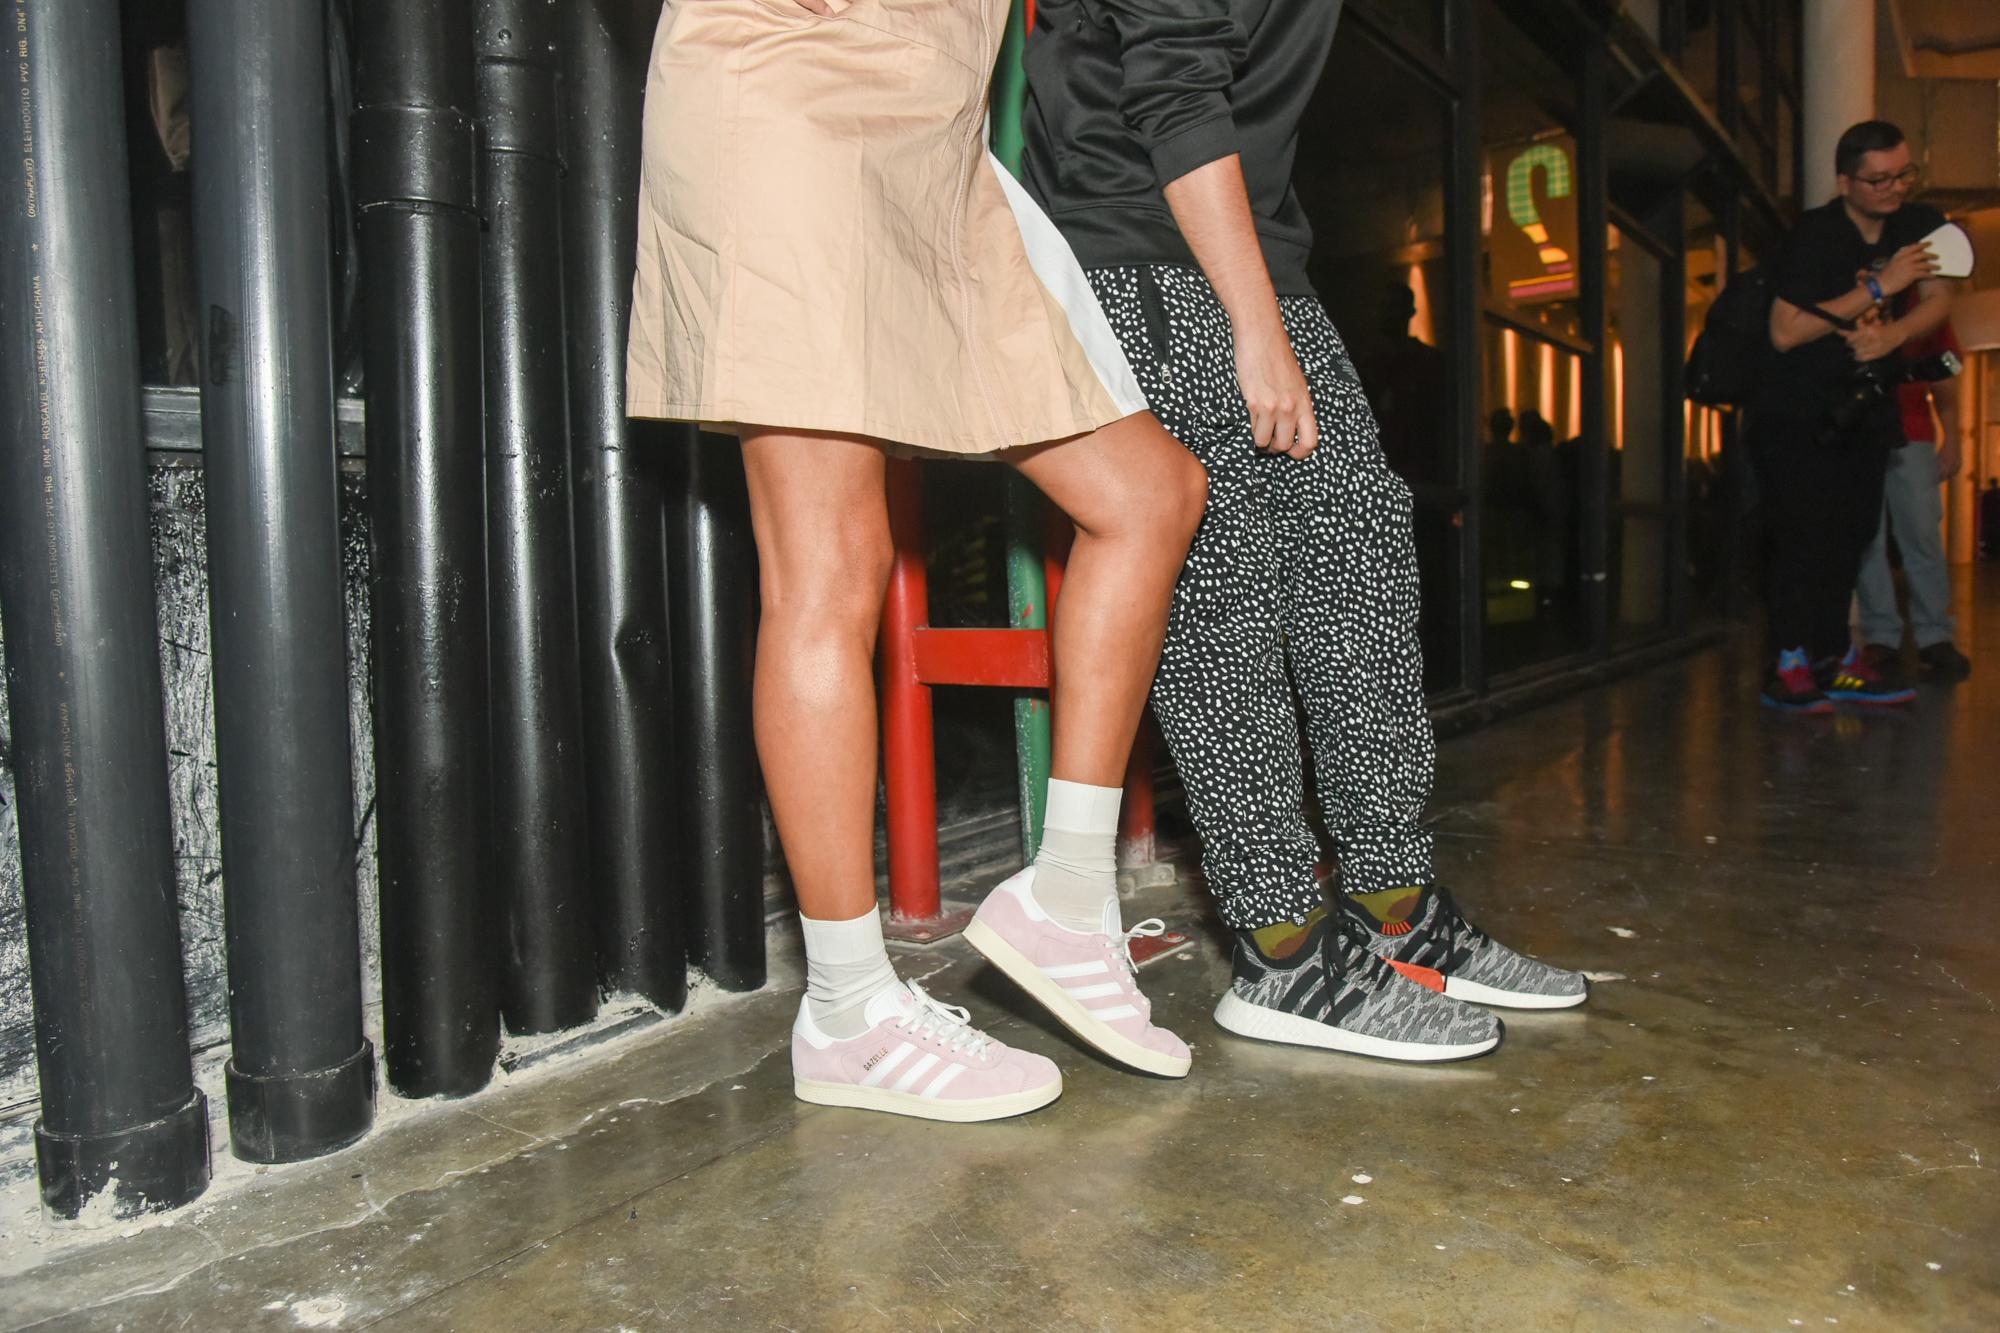 Galeria de Fotos Streetstyle FFW x Adidas  o look dos convidados do SPFW  N44    Foto 19    Notícias    FFW 6eab4fb101